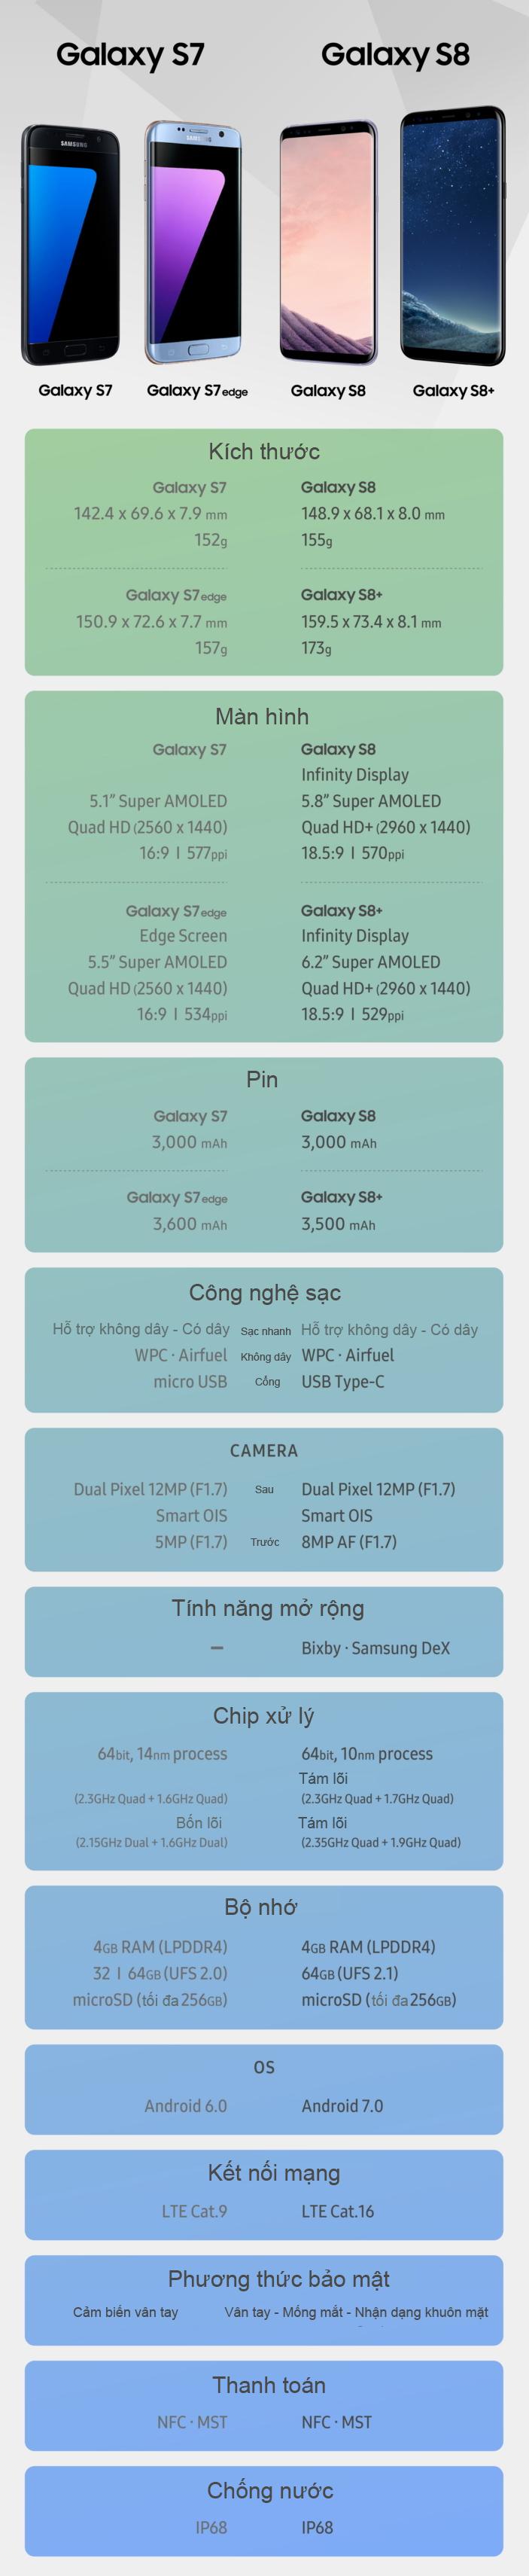 Galaxy S8 đọ cấu hình với Galaxy S7